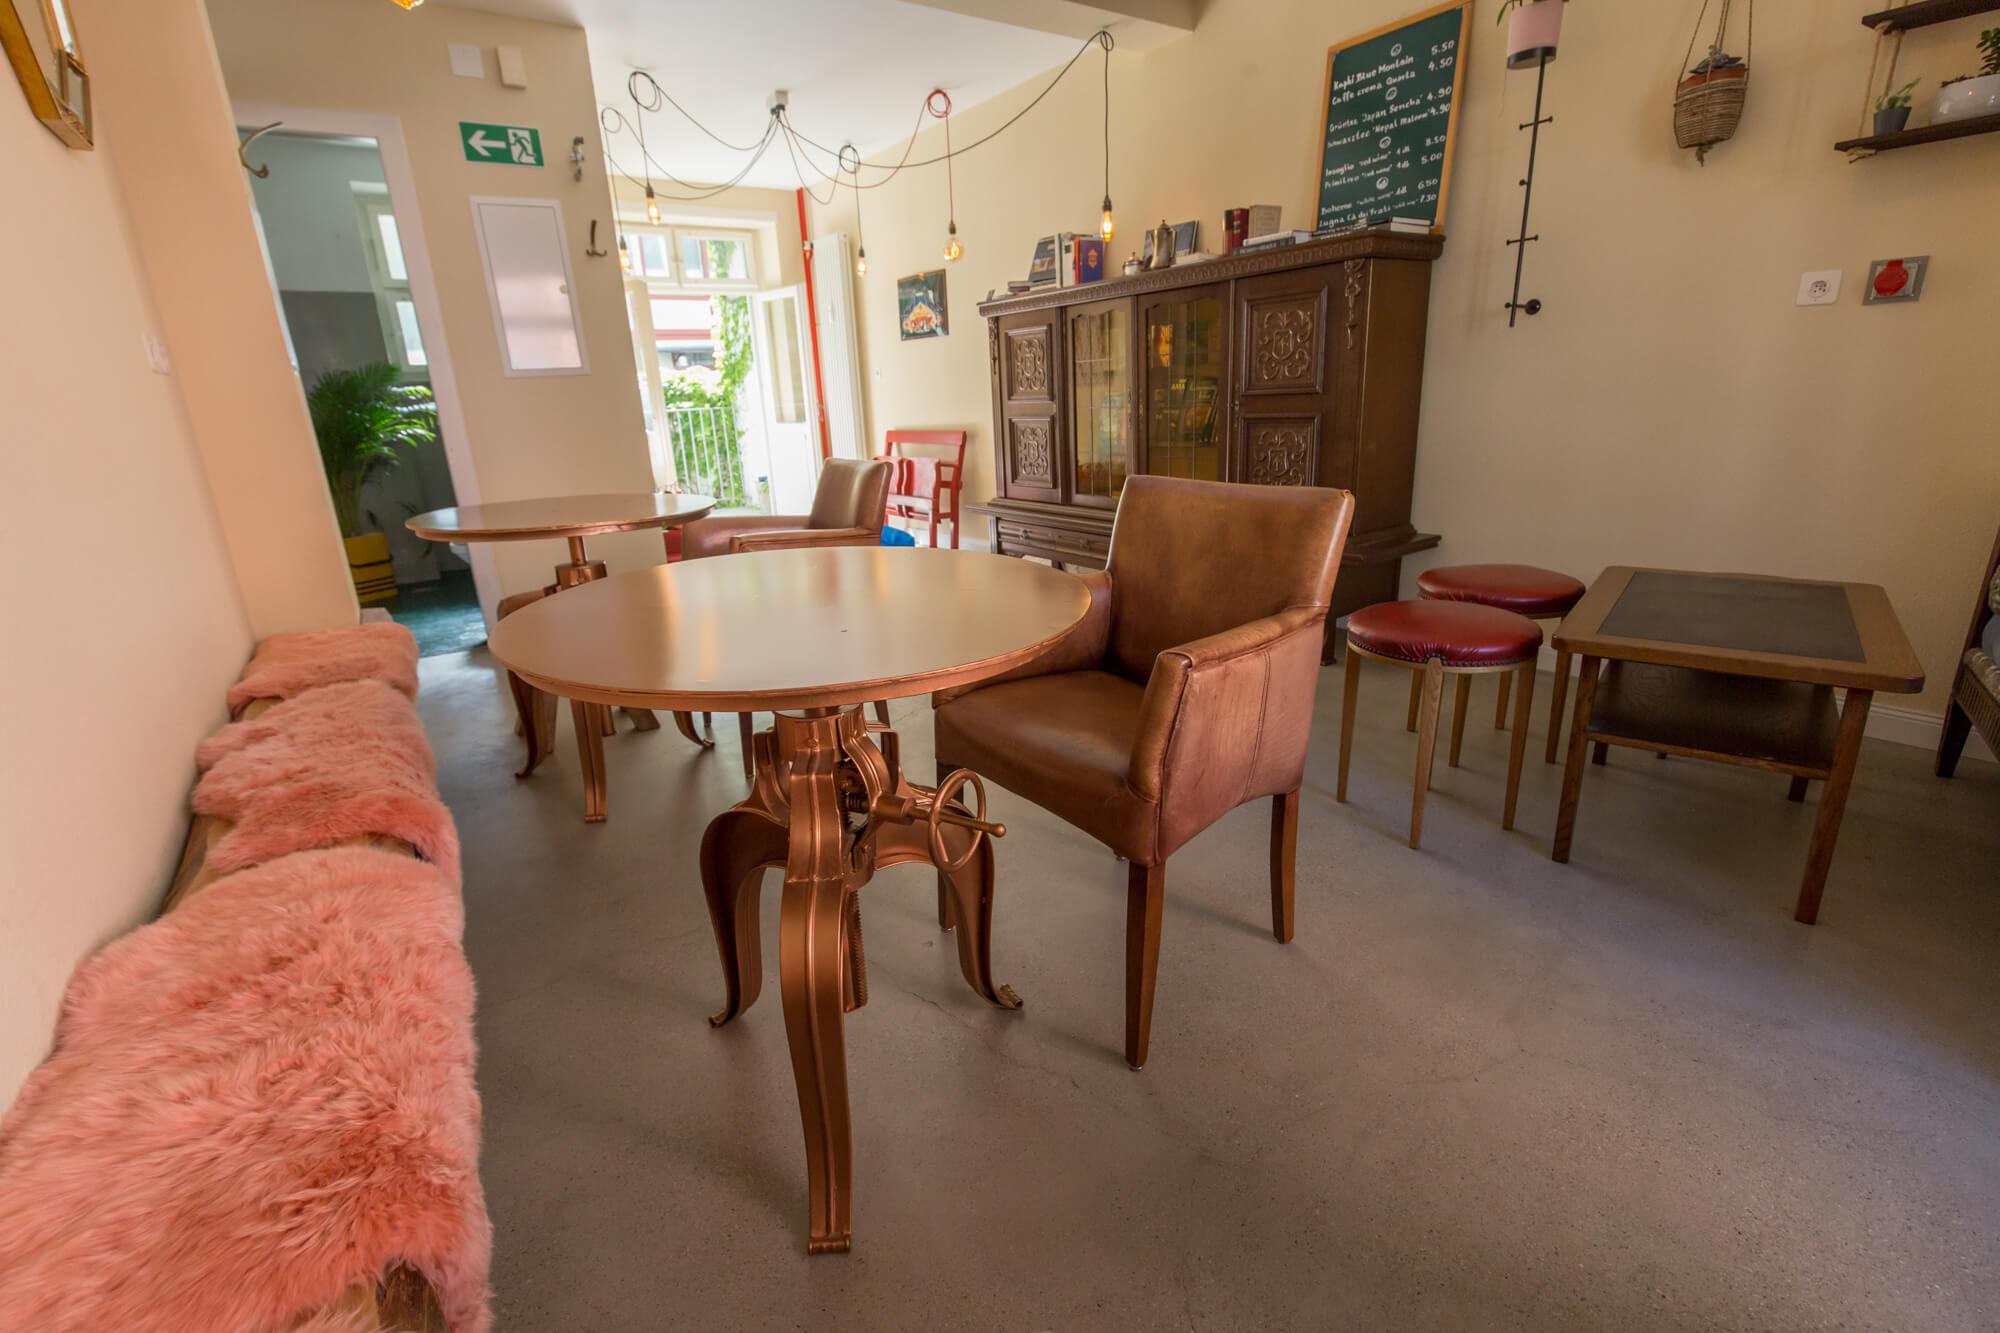 Kaffeebar mit antiken Leder-Stühlen und metallenen Tischen